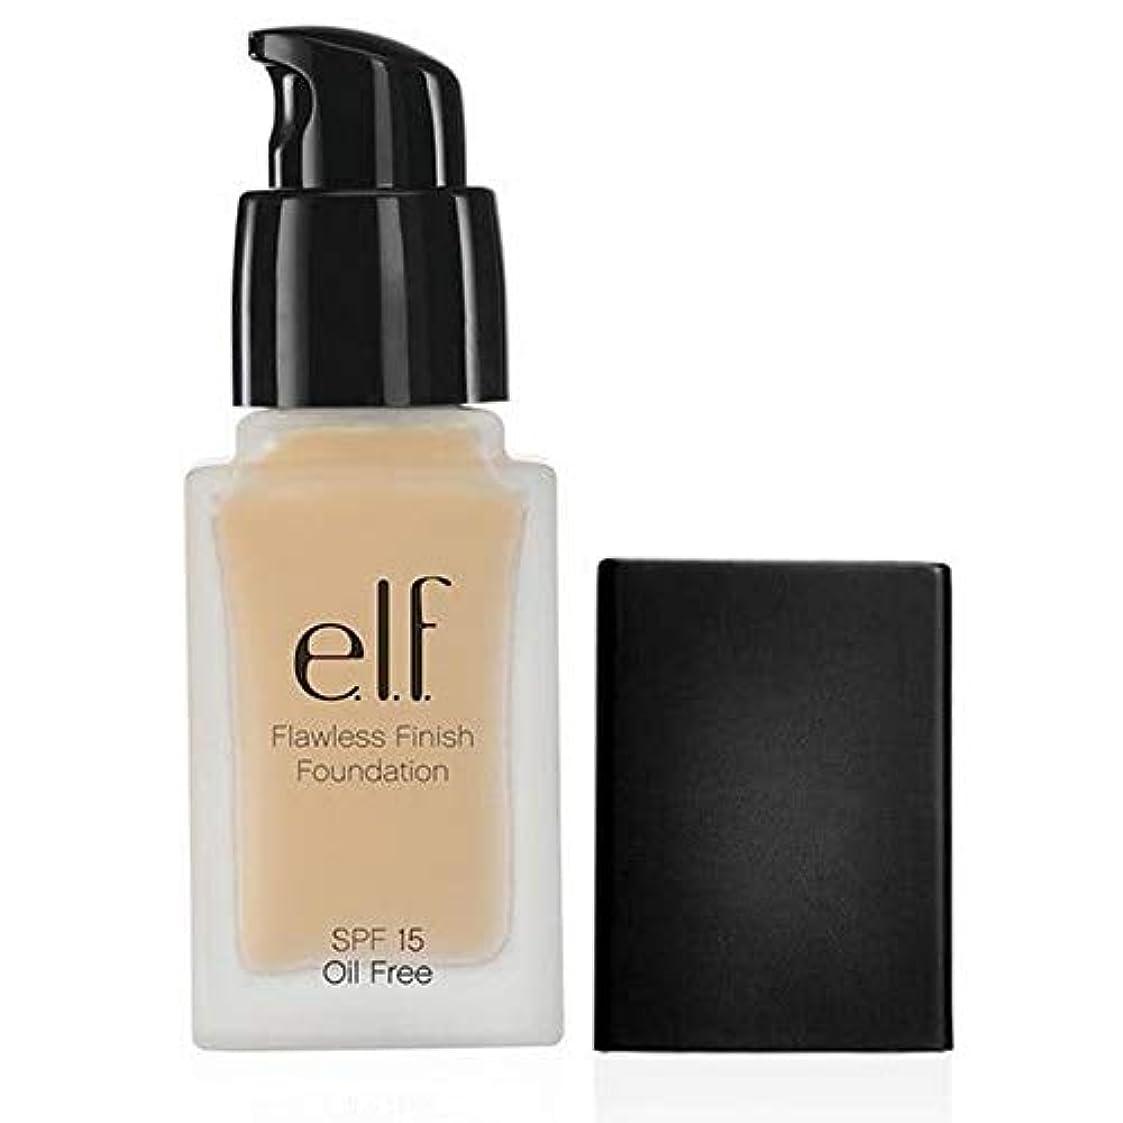 消費者市の中心部貢献する[Elf ] エルフ。完璧な仕上がりの基礎Spf15磁器111 - e.l.f. Flawless Finish Foundation SPF15 Porcelain 111 [並行輸入品]